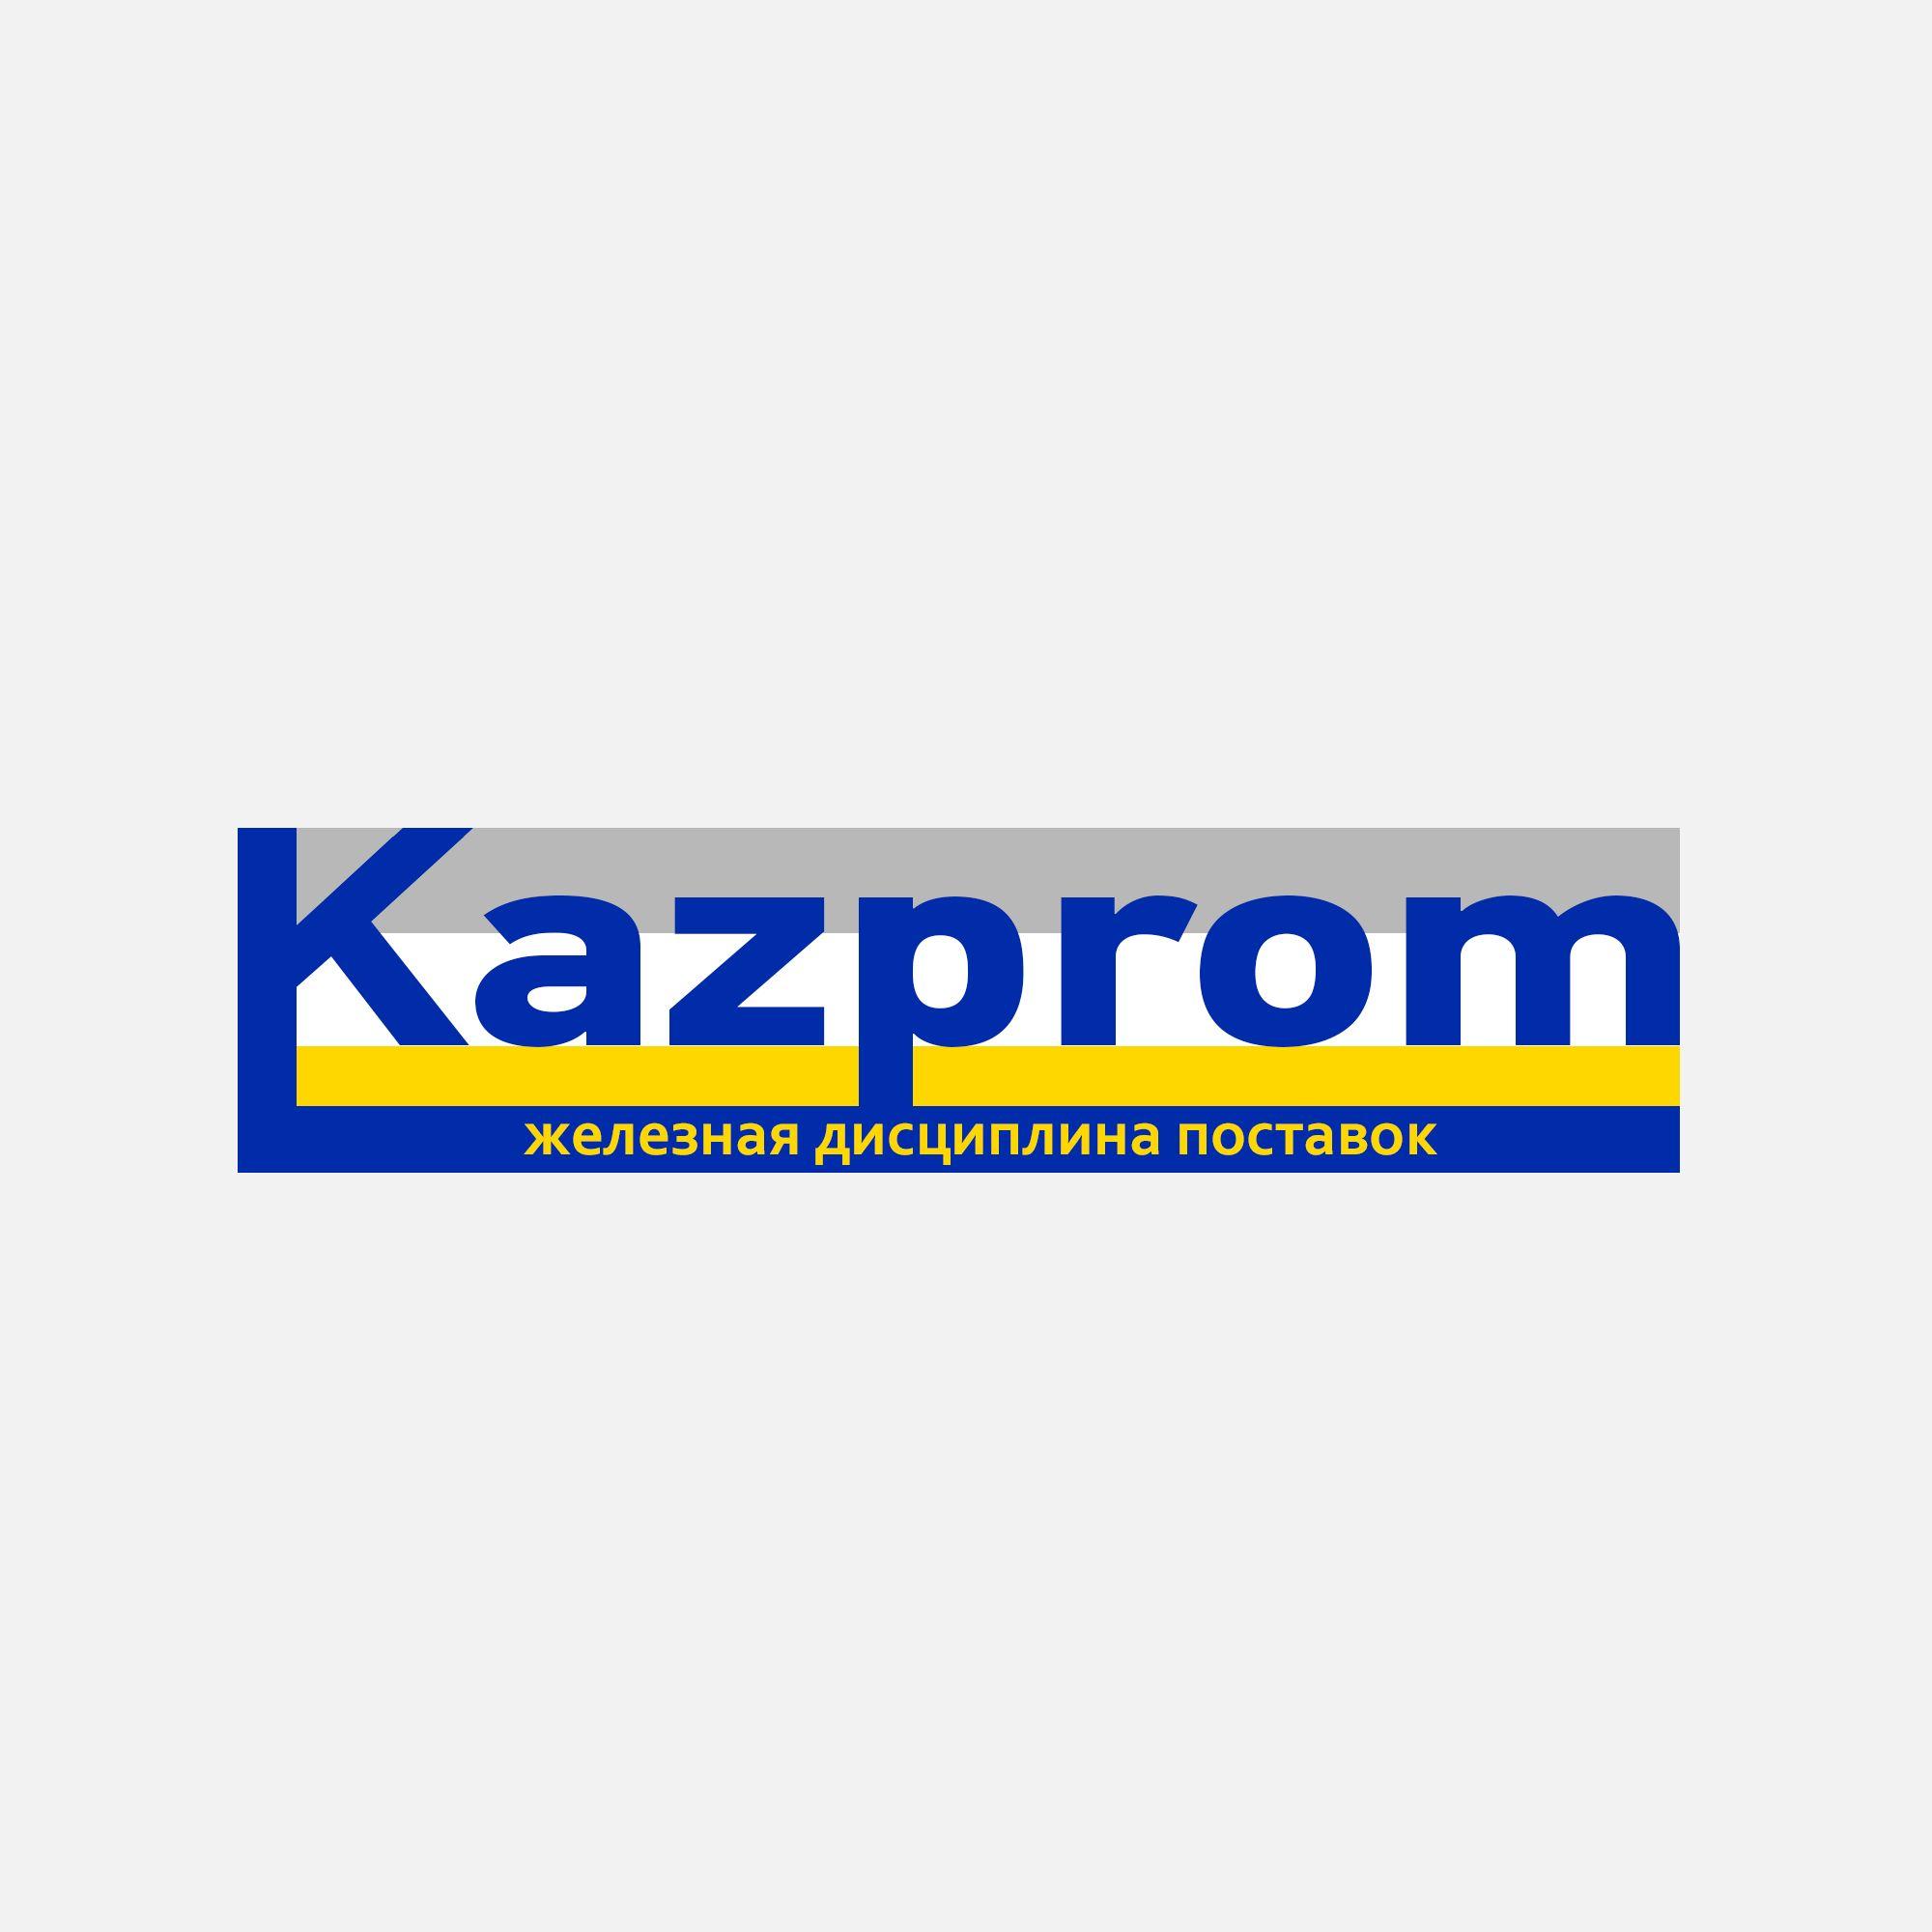 Редизайн логотипа, создание фирменного стиля - дизайнер oriyia